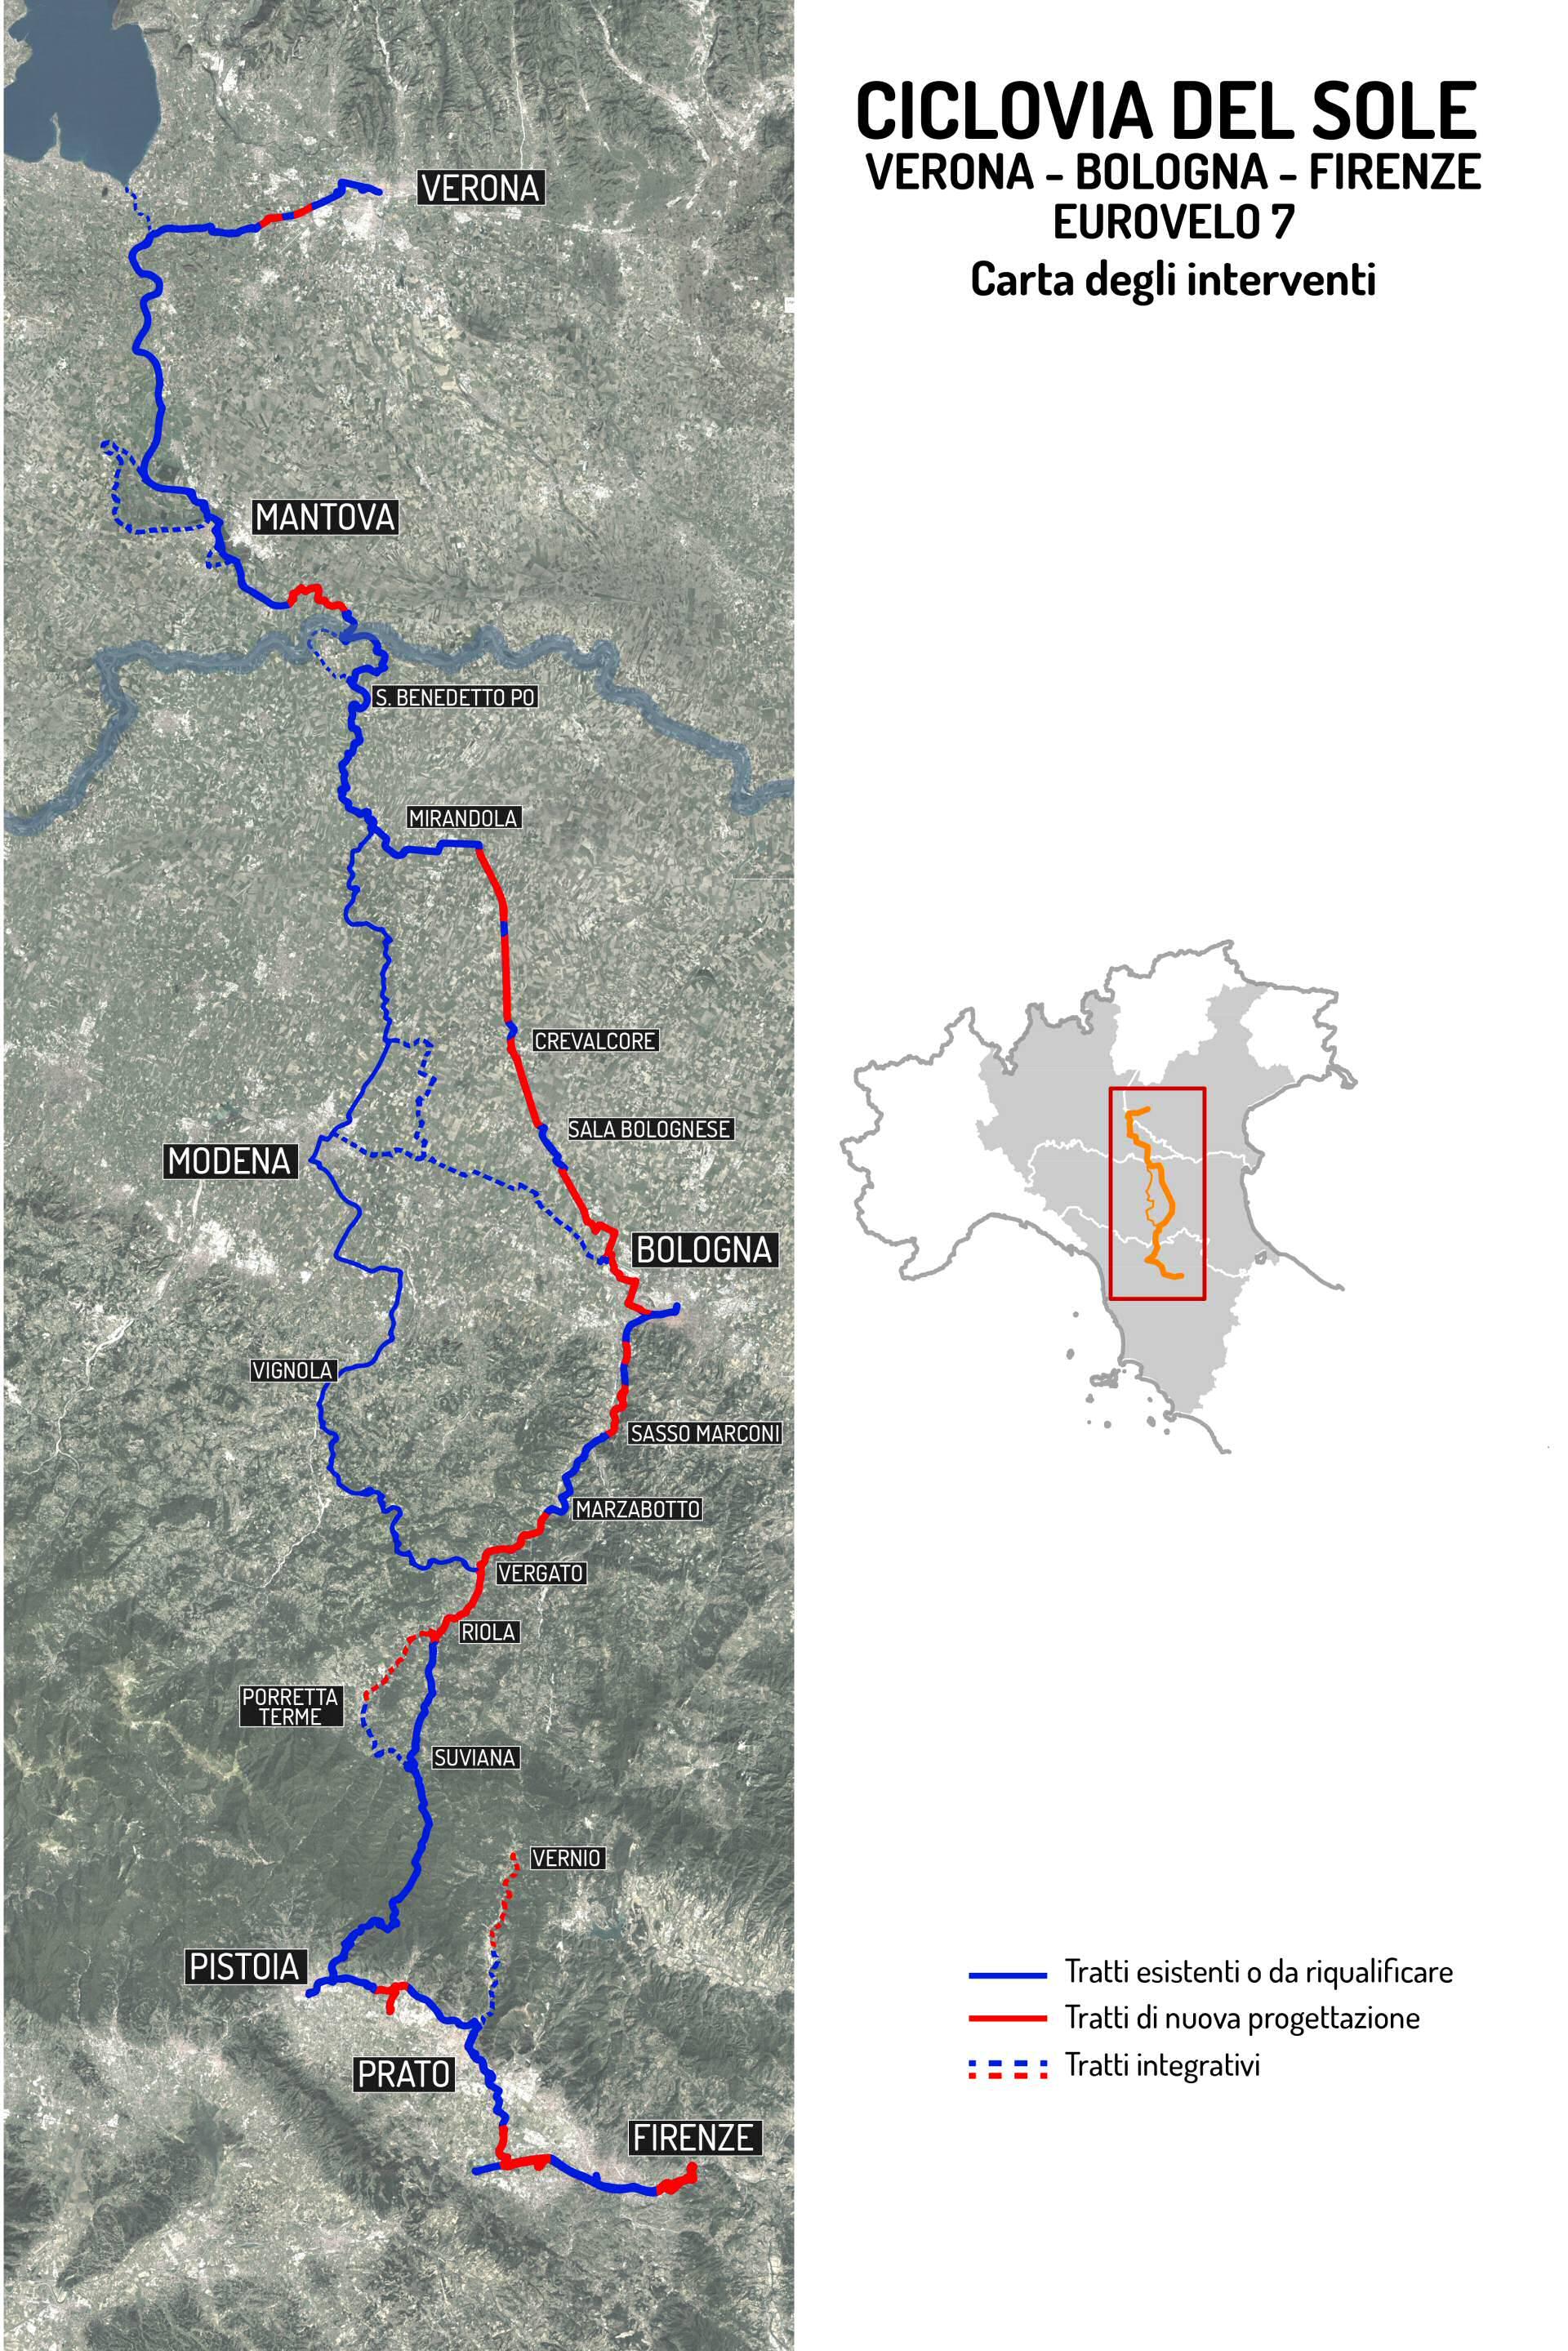 Mappa tracciato blu e rosso - carta degli interventi